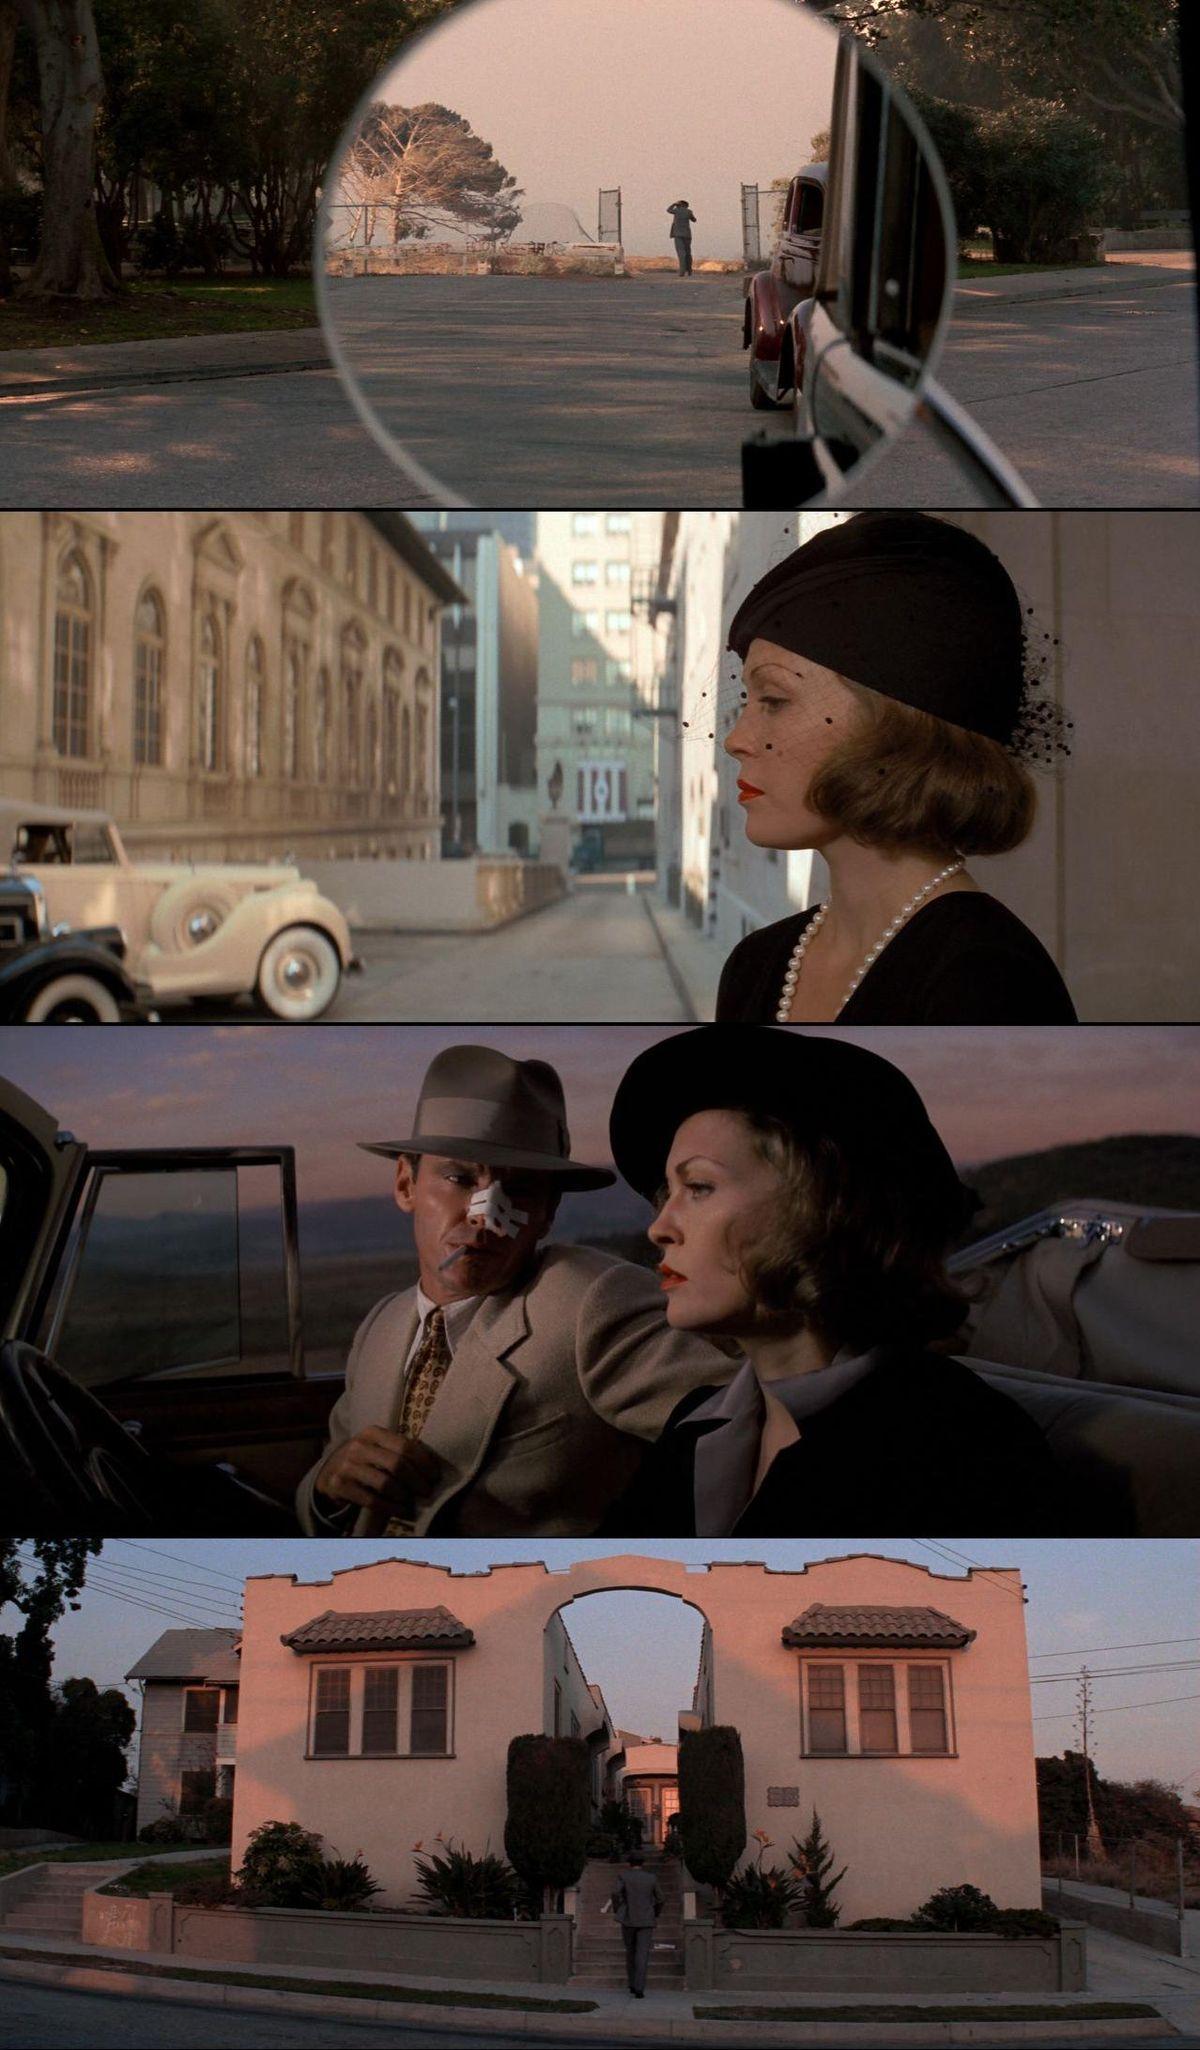 Chinatown (1974) | Cinematography by John A. Alonzo | Directed by Roman Polański | Starring: Jack Nicholson, Faye Dunaway Descubra 25 Filmes que Mudaram a História do Cinema no E-Book Gratuito em http://mundodecinema.com/melhores-filmes-cinema/